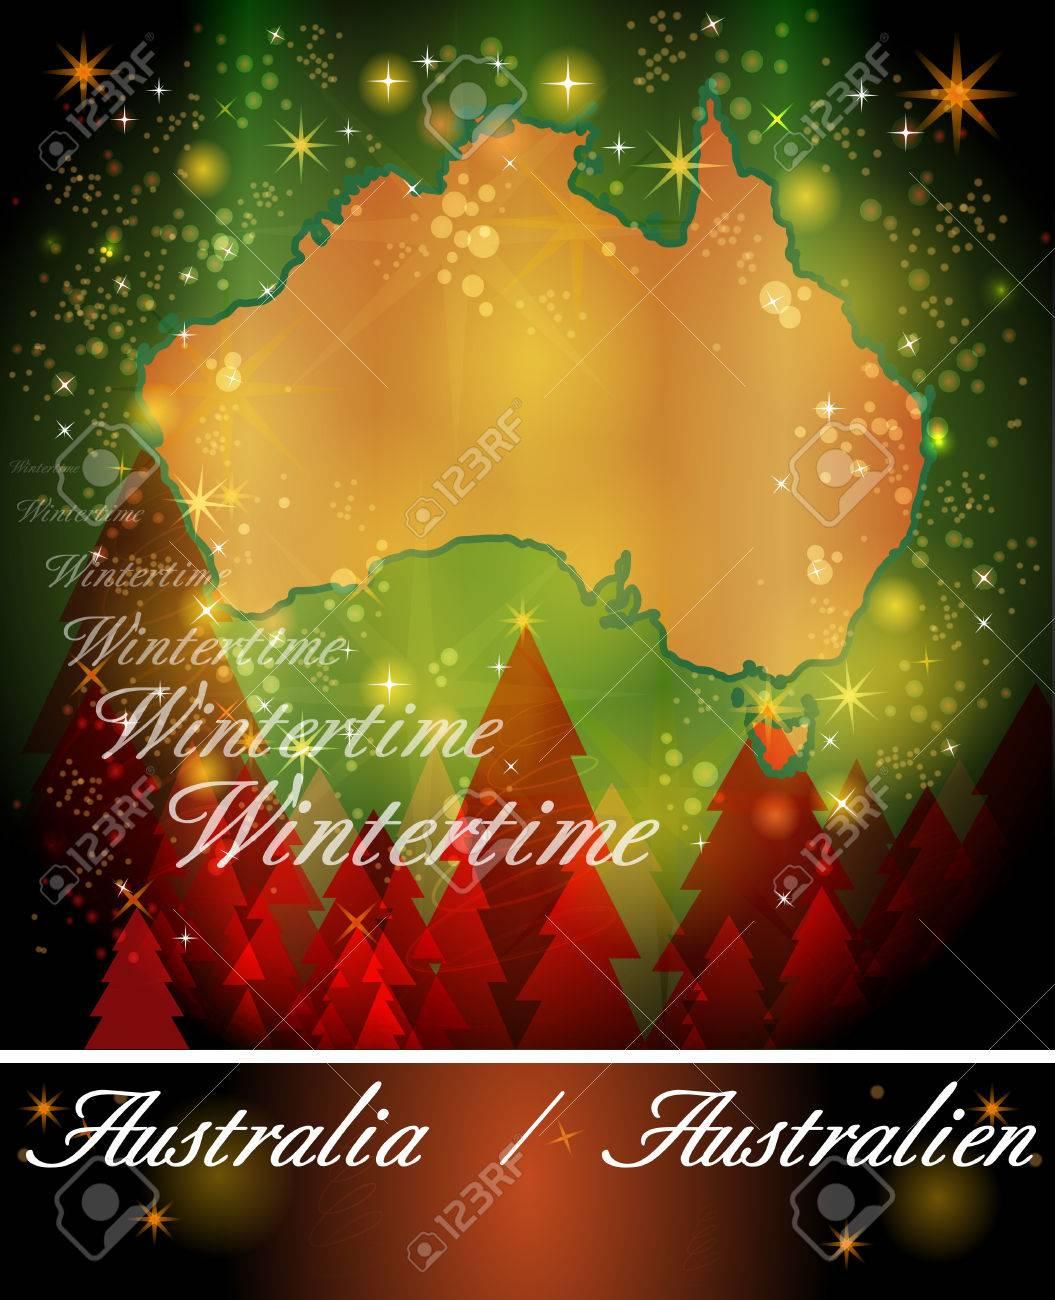 Carte Noel Australie.Carte De L Australie Dans La Conception De Noel